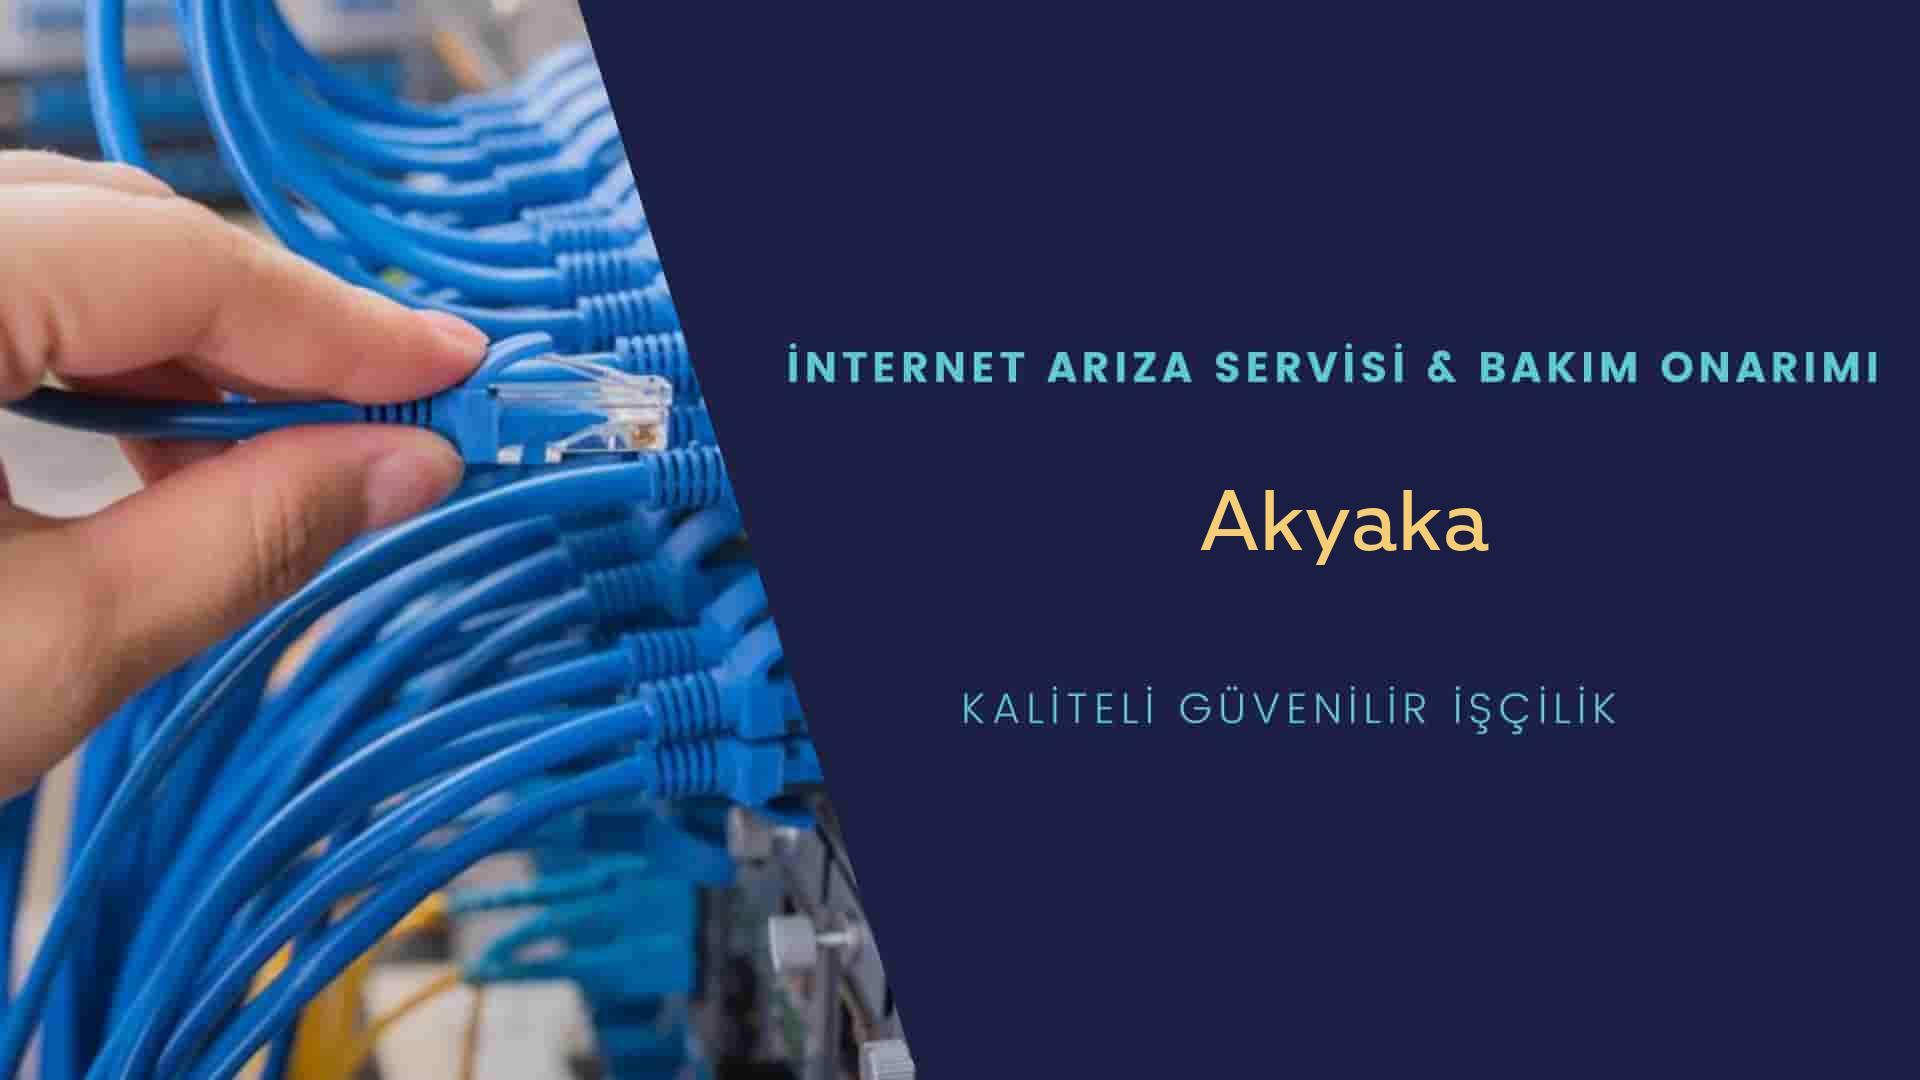 Akyaka internet kablosu çekimi yapan yerler veya elektrikçiler mi? arıyorsunuz doğru yerdesiniz o zaman sizlere 7/24 yardımcı olacak profesyonel ustalarımız bir telefon kadar yakındır size.